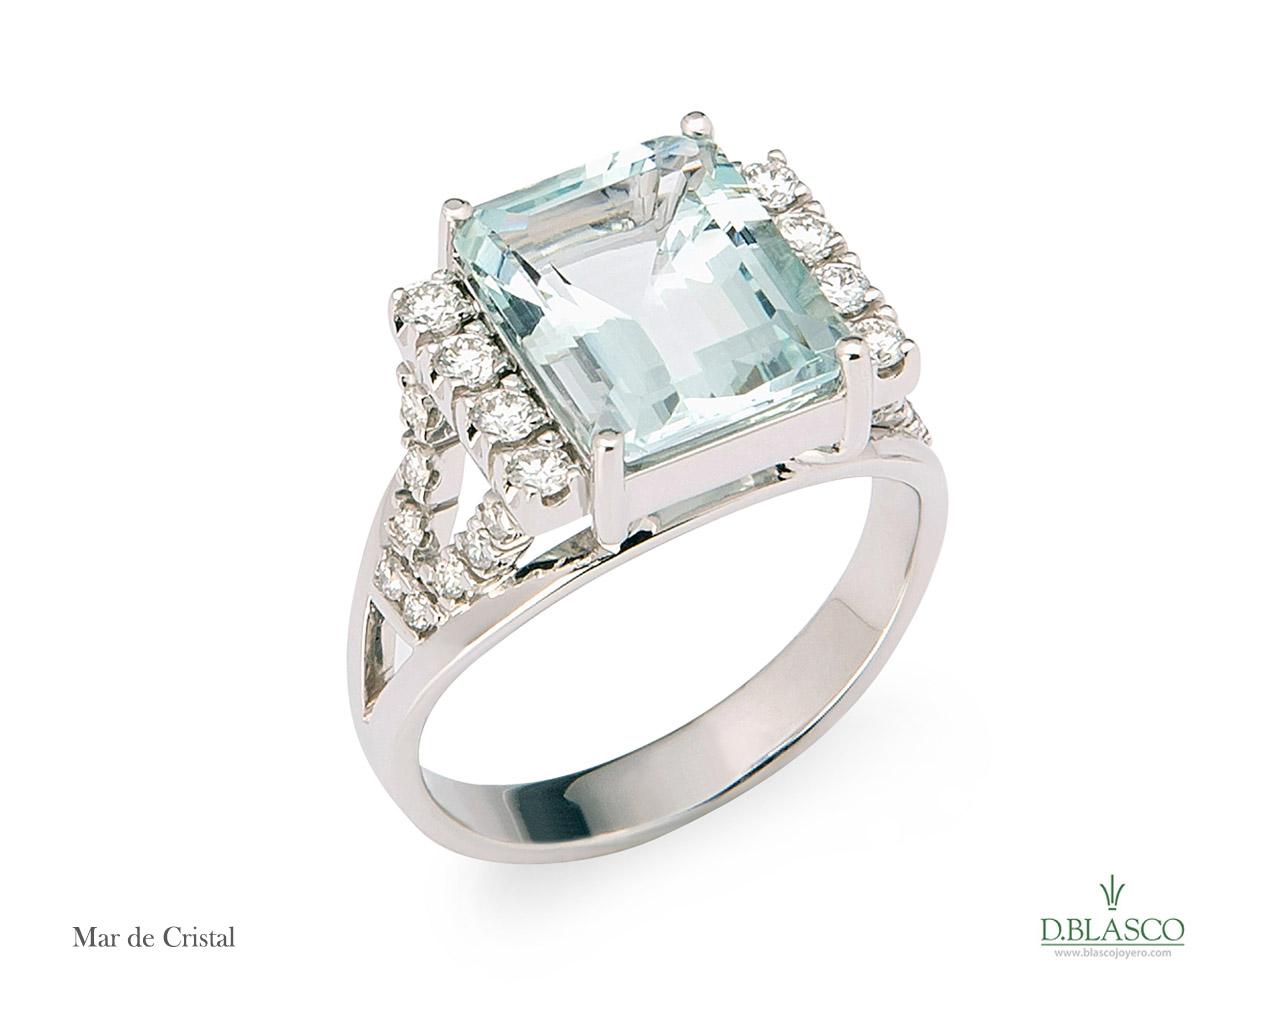 Mar de Cristal anillo